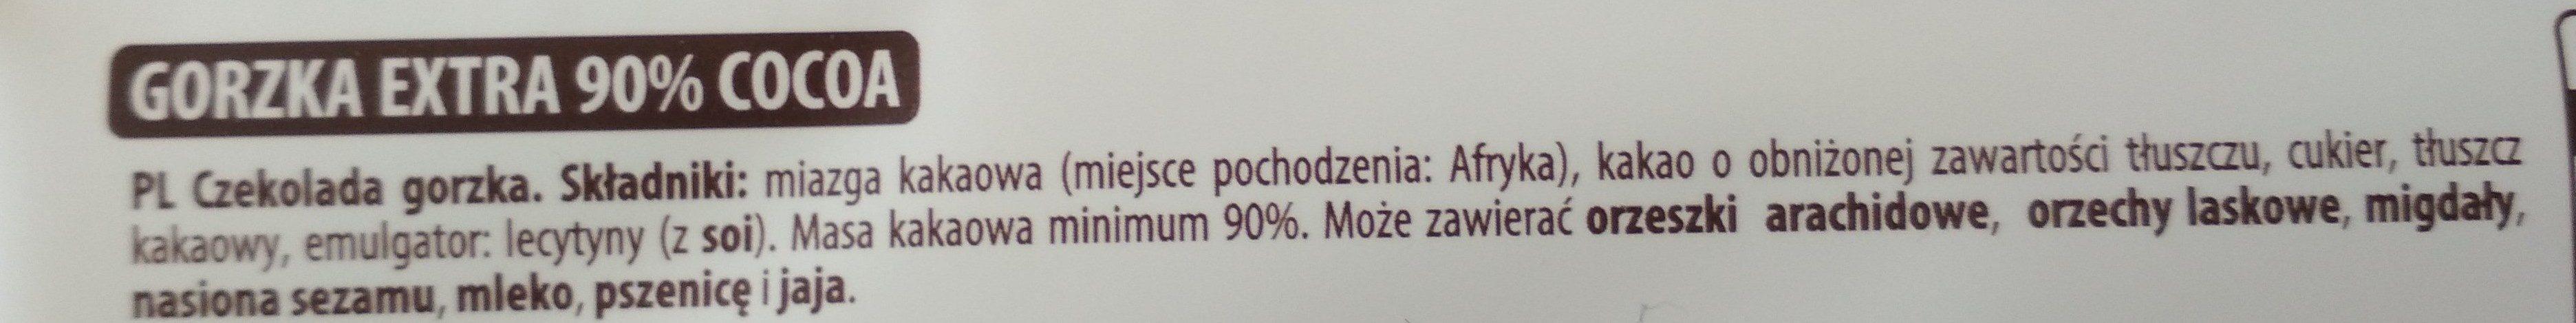 Czekolada Gorzka Extra , Cocoa 90% - Składniki